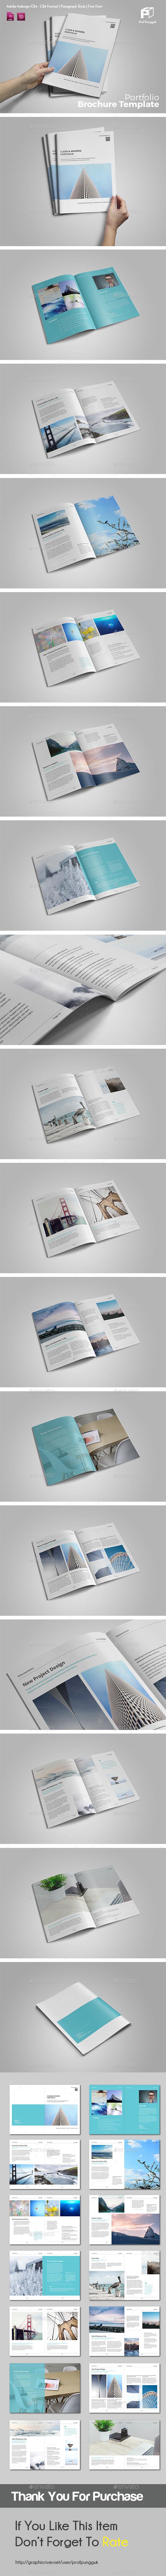 Simple Multipurpose Portfolio Vol.3 - Portfolio Brochures